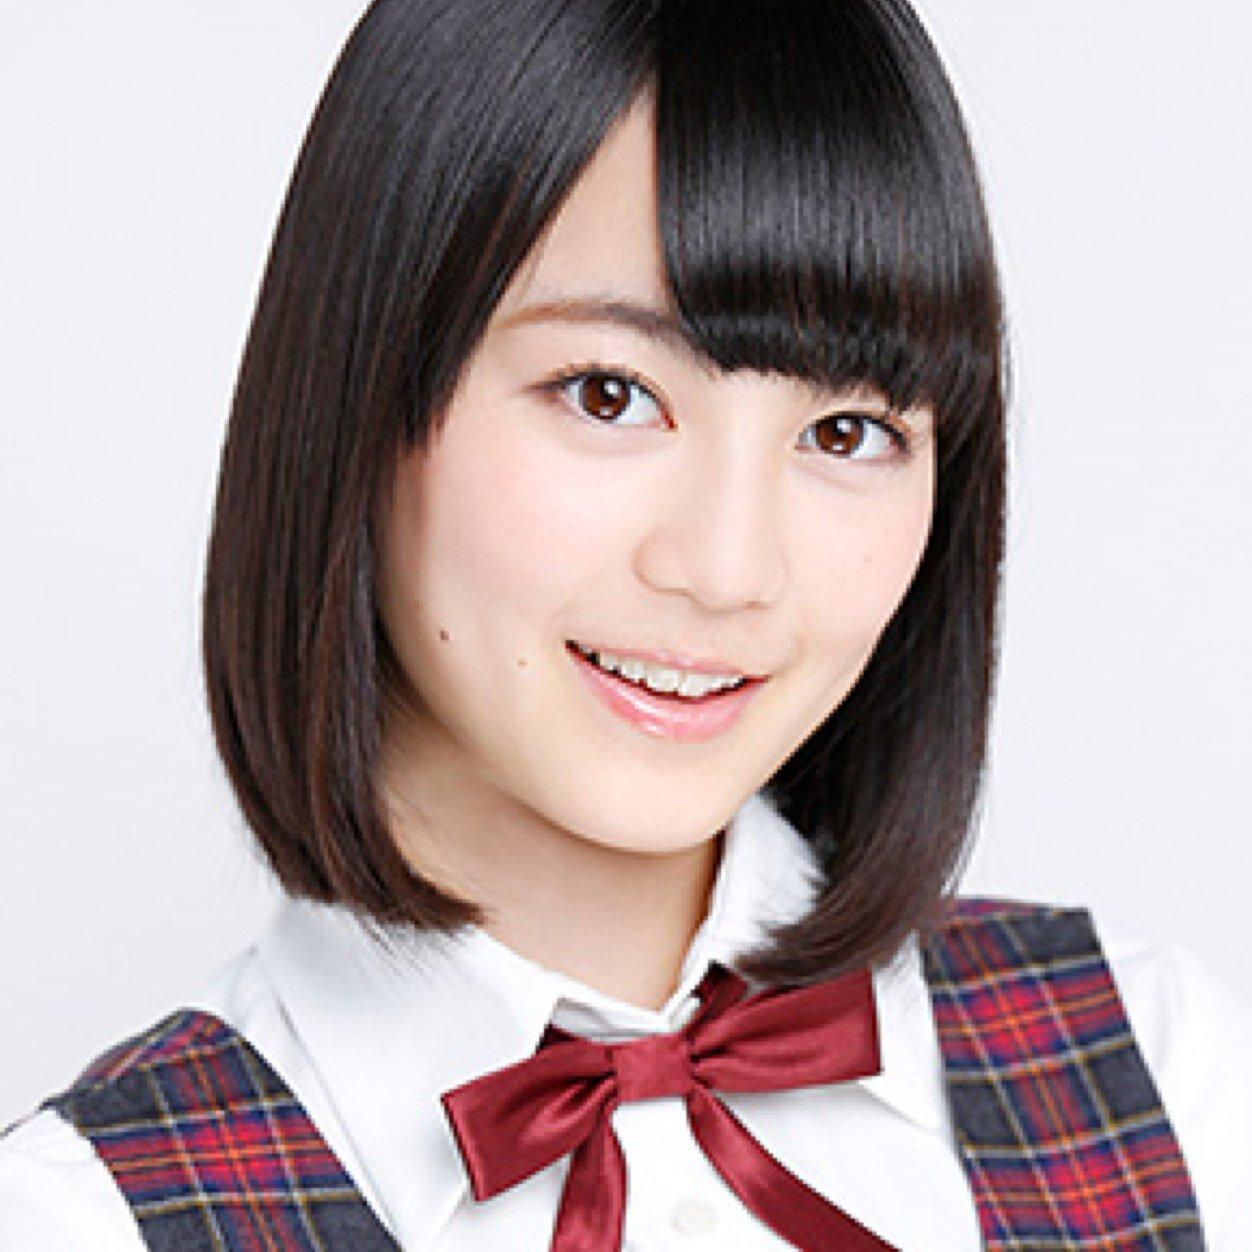 清楚アイドル♡乃木坂46生田絵梨花さんの髪型をまとめてみた!のサムネイル画像